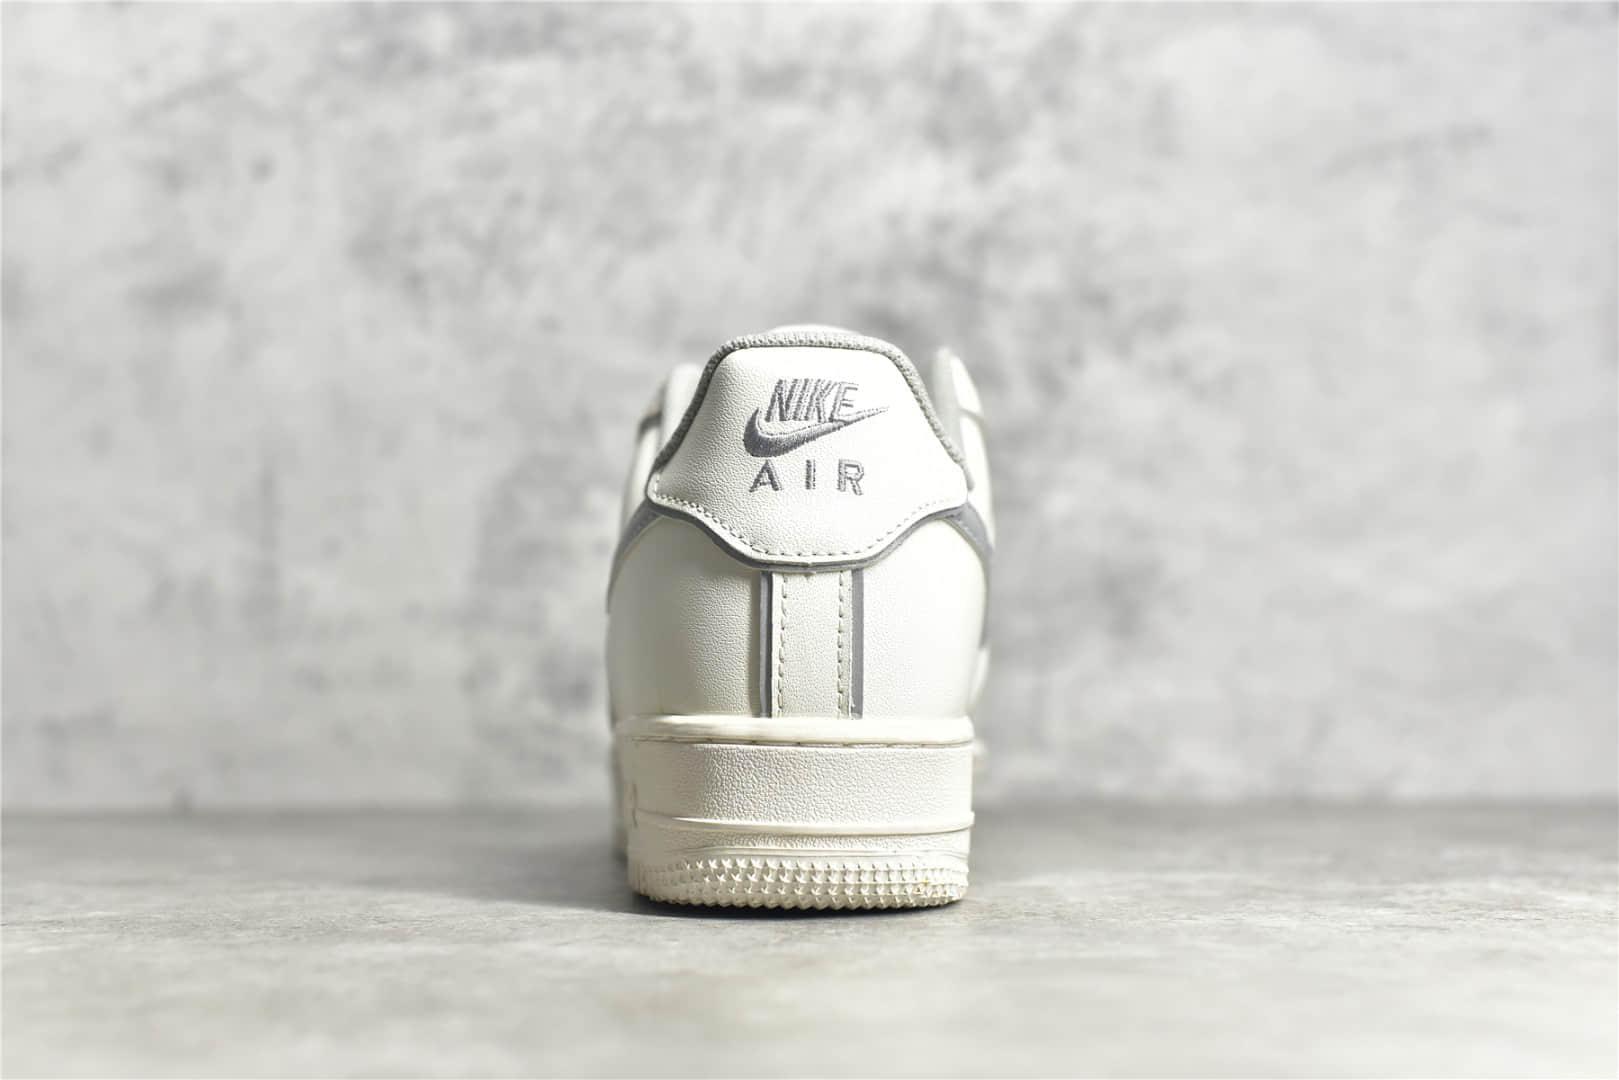 耐克空军3M反光 Nike Air Force 1 Low 耐克空军鞋带反光 空军一号LOGO反光 耐克空军白灰色低帮 货号:BQ8228-366-潮流者之家